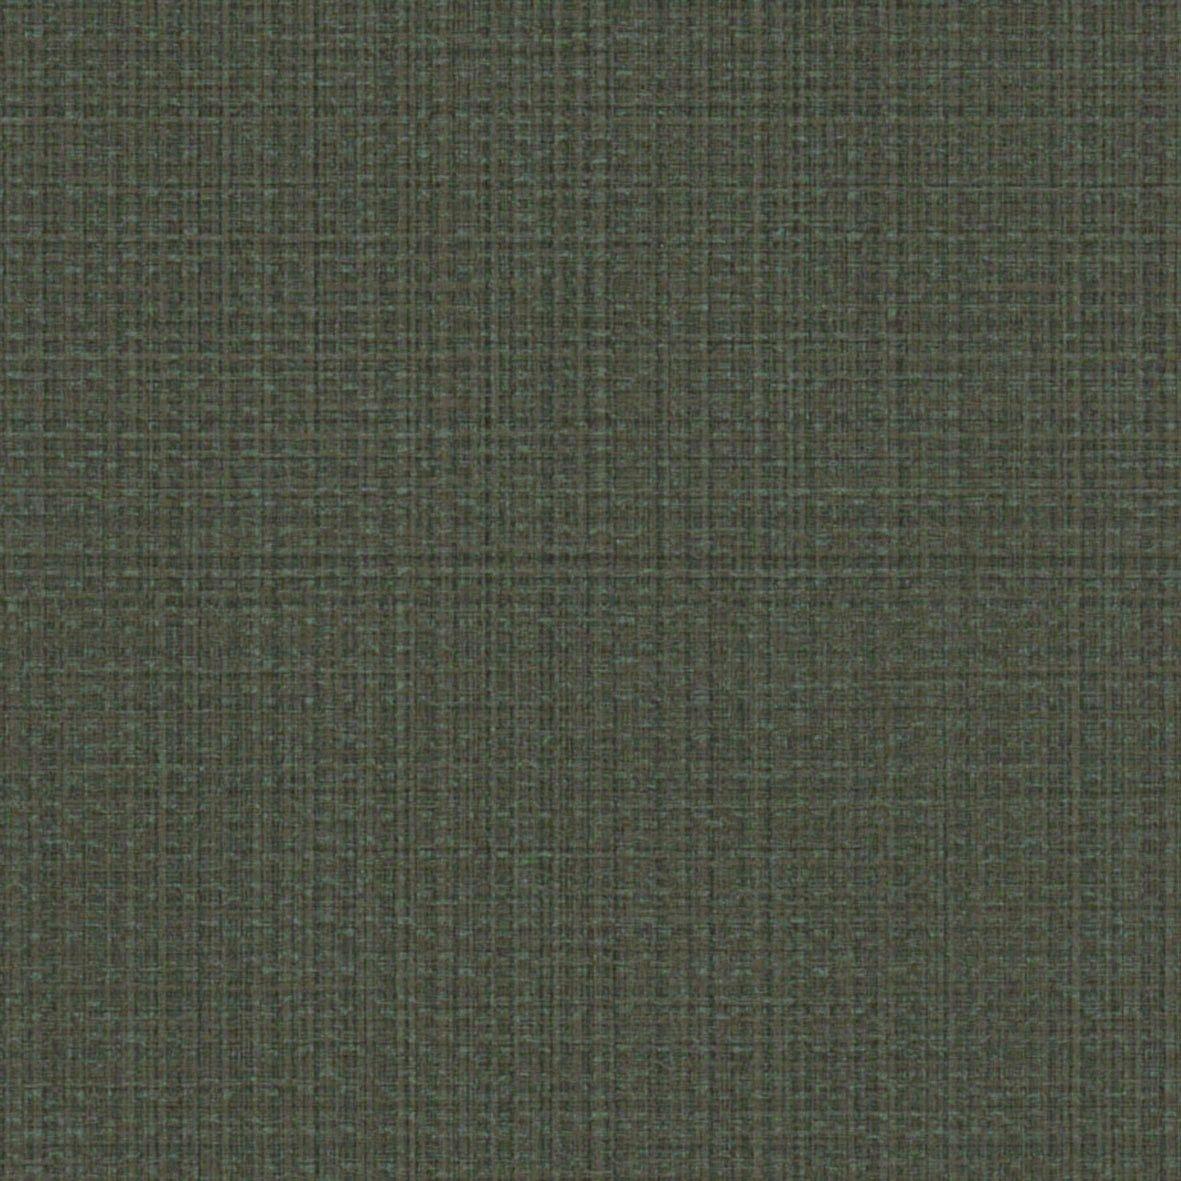 リリカラ 壁紙24m ナチュラル 織物調 ブラウン LL-8762 B01N3WMRIU 24m|ブラウン